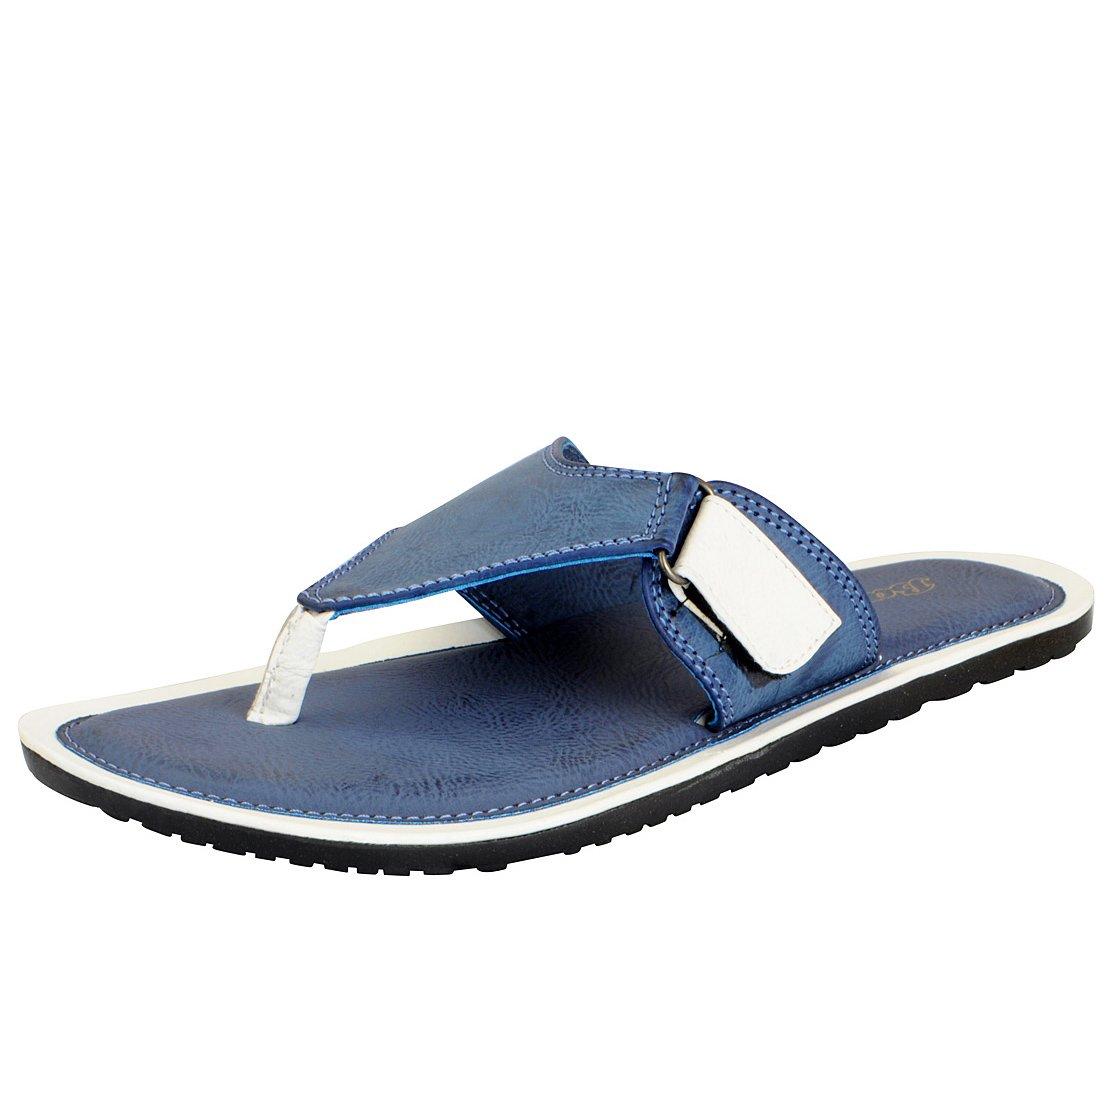 Buy BATA Men's Slipper at Amazon.in